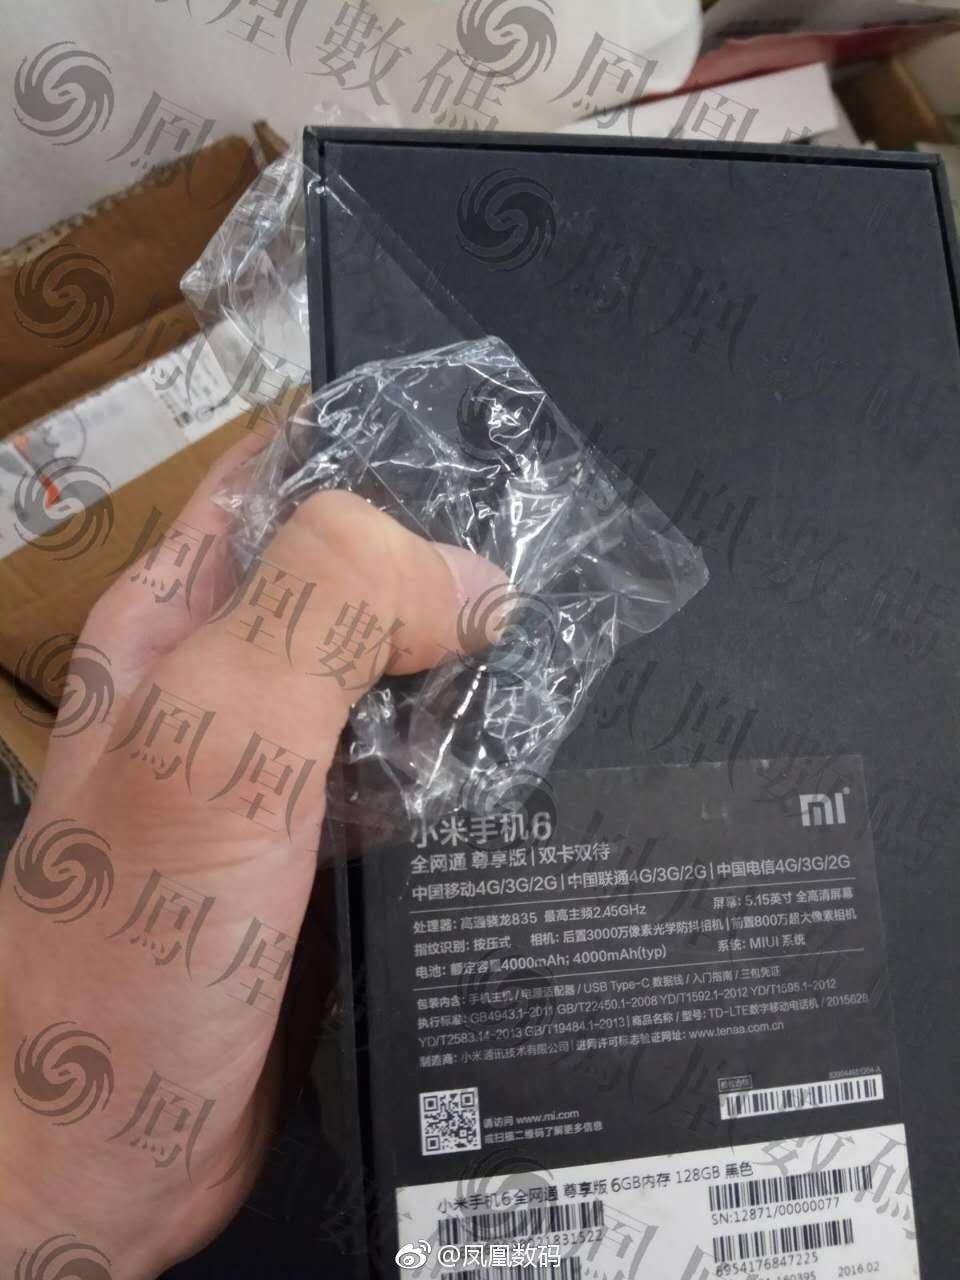 Xiaomi-Mi-6-Box-Black (1)